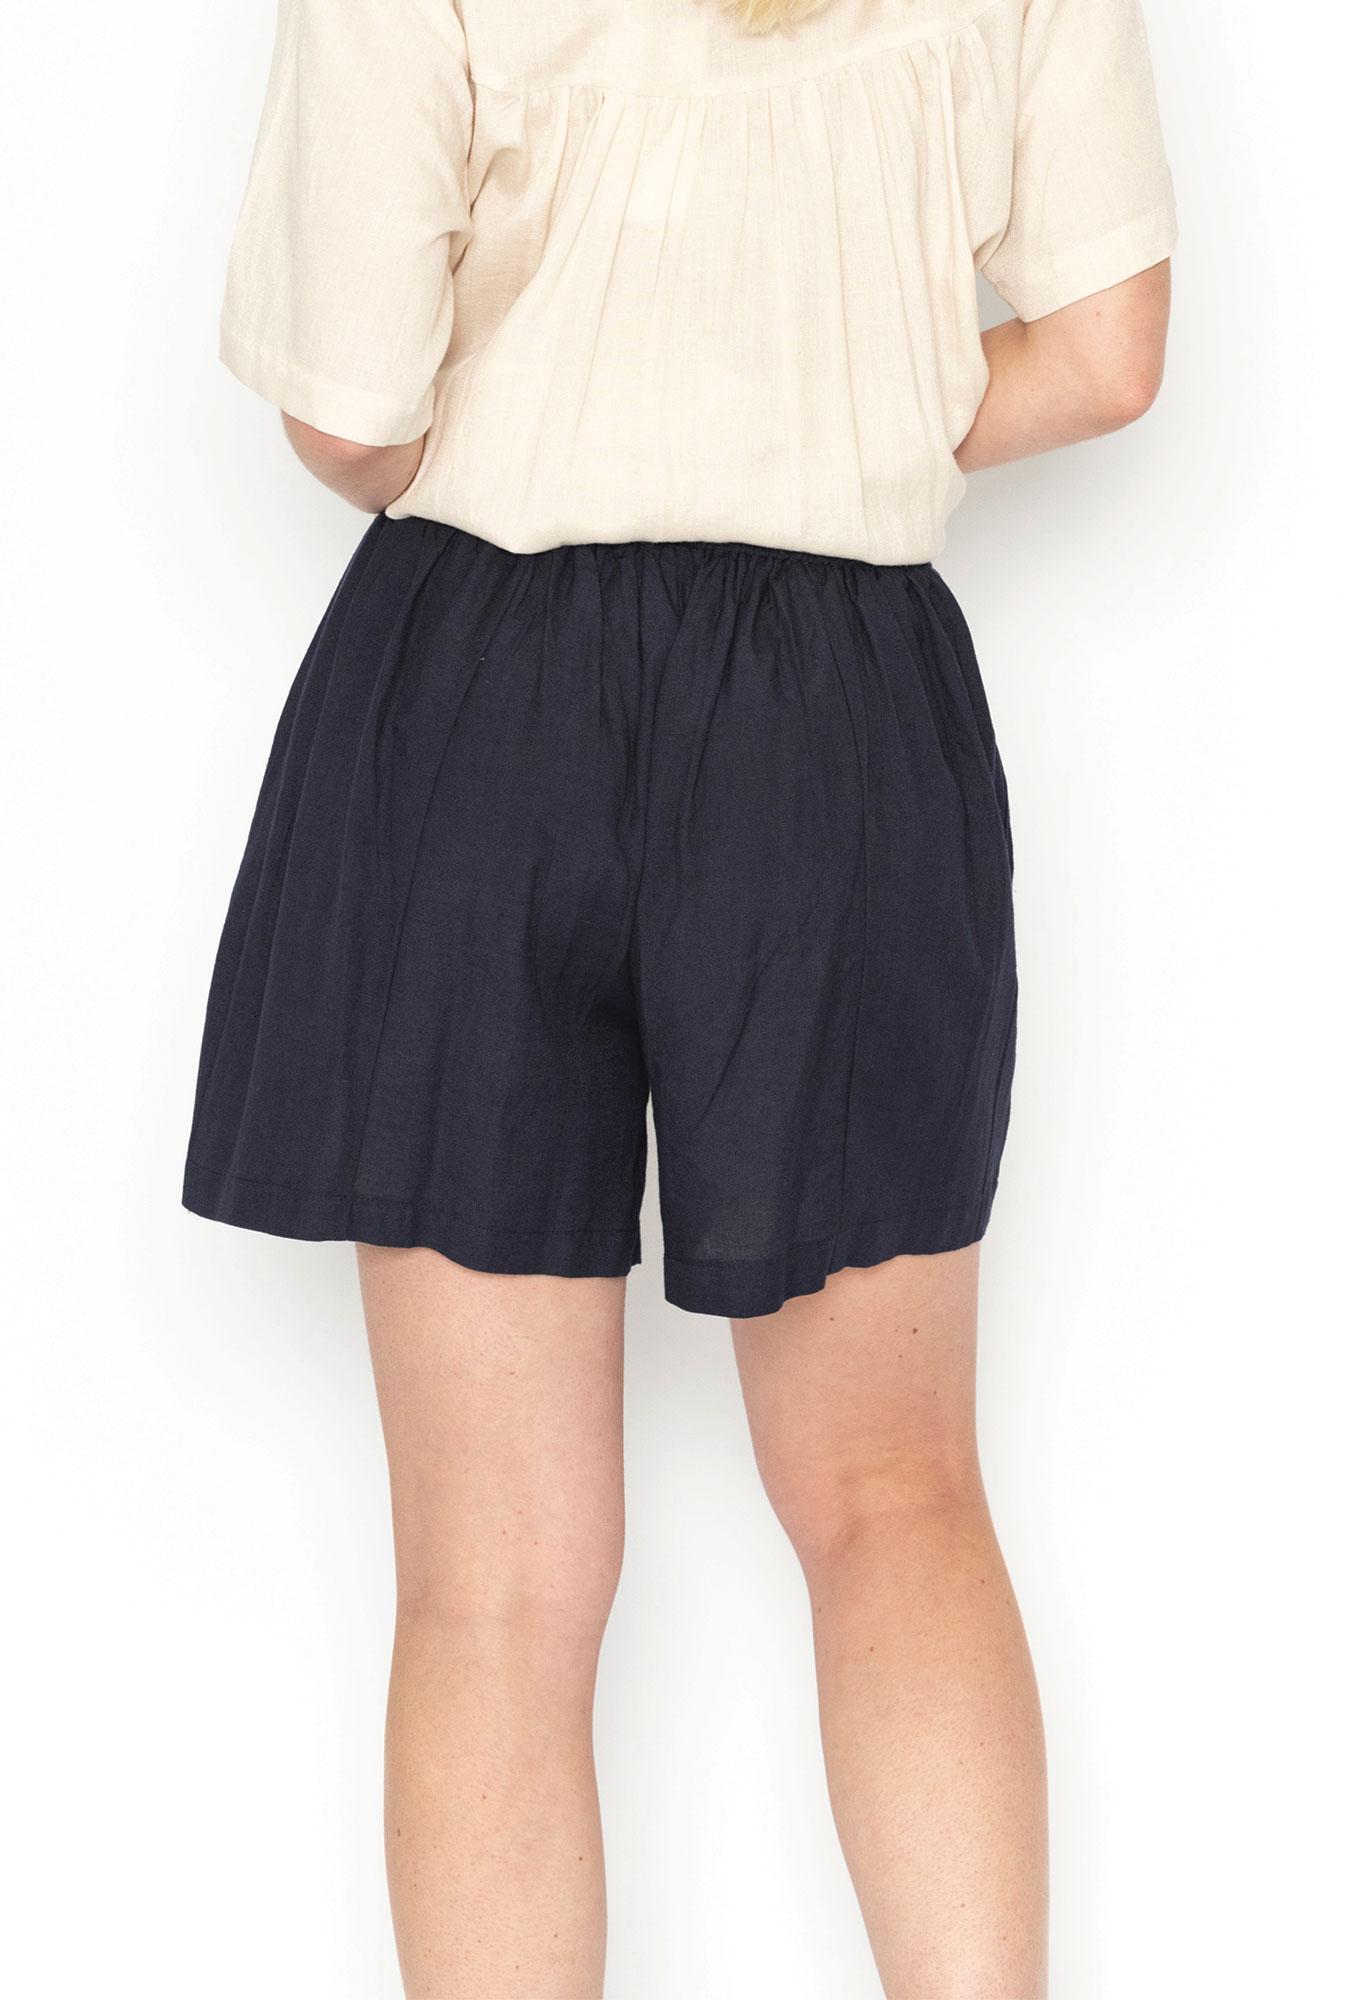 Luna Shorts in Navy